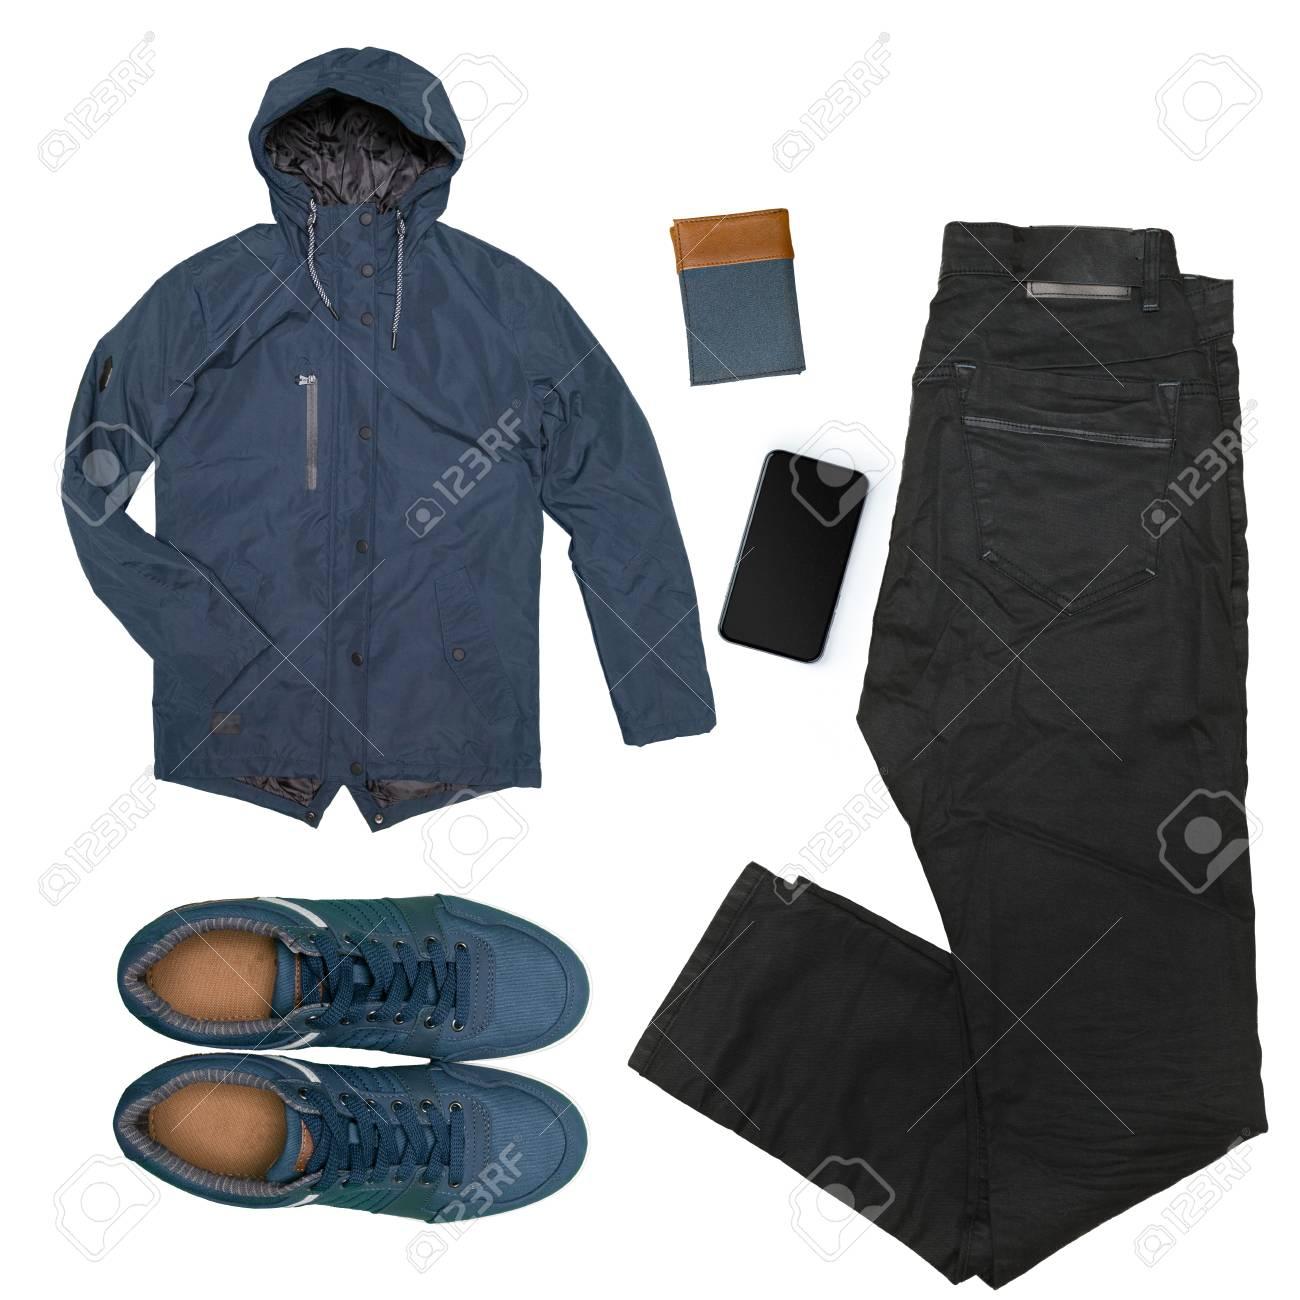 c3a3c749be Colección de ropa masculina aislados en blanco Foto de archivo - 86306552